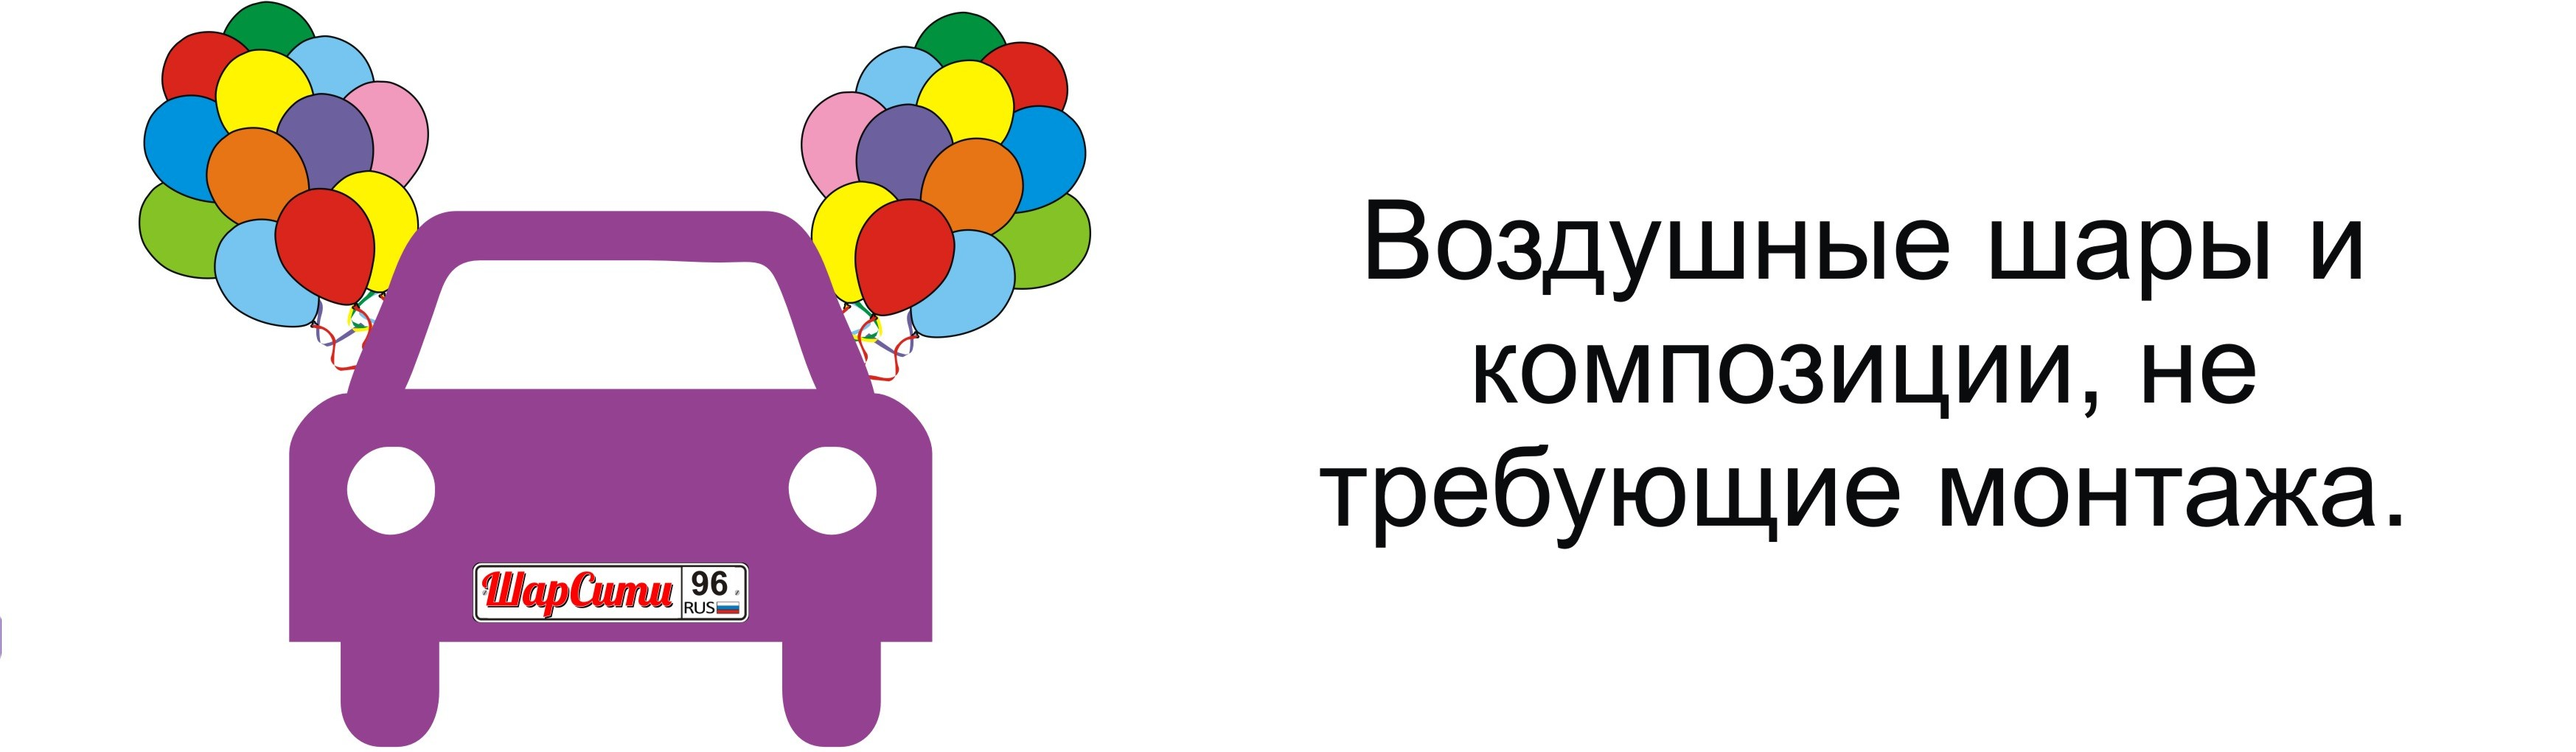 Доставка шаров в Екатеринбурге